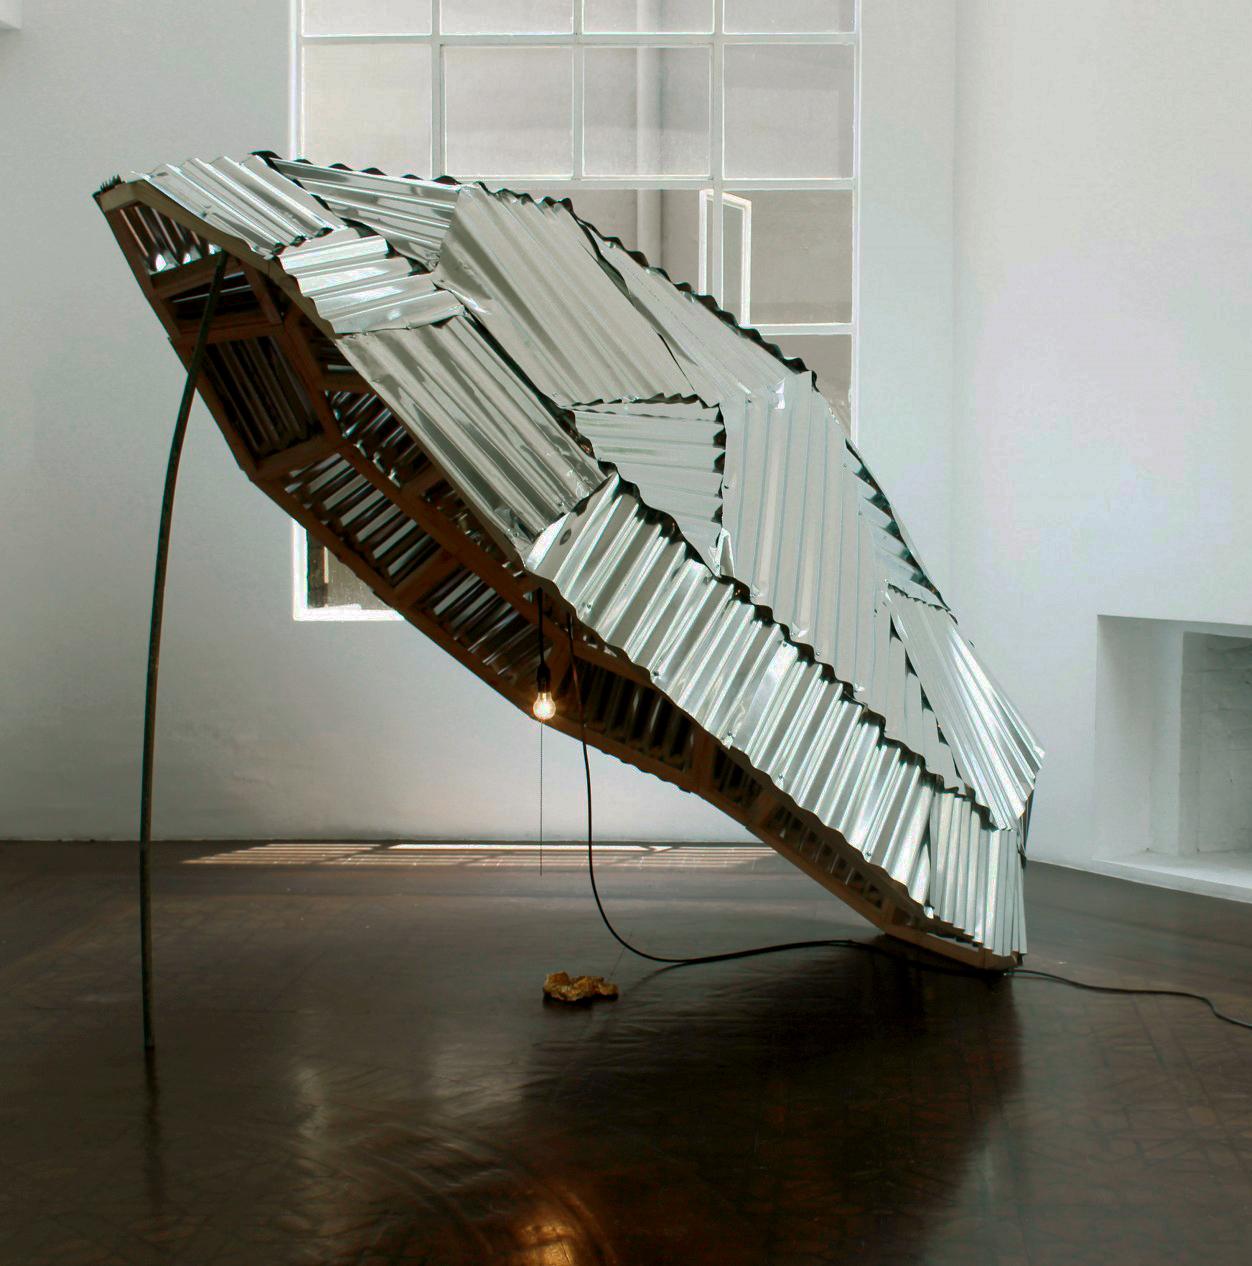 Crónicas de Caza, 2015.  Instalación (zinc, madera, resina, laminilla de oro, bombilla). 250 x 220 x 200 cm.